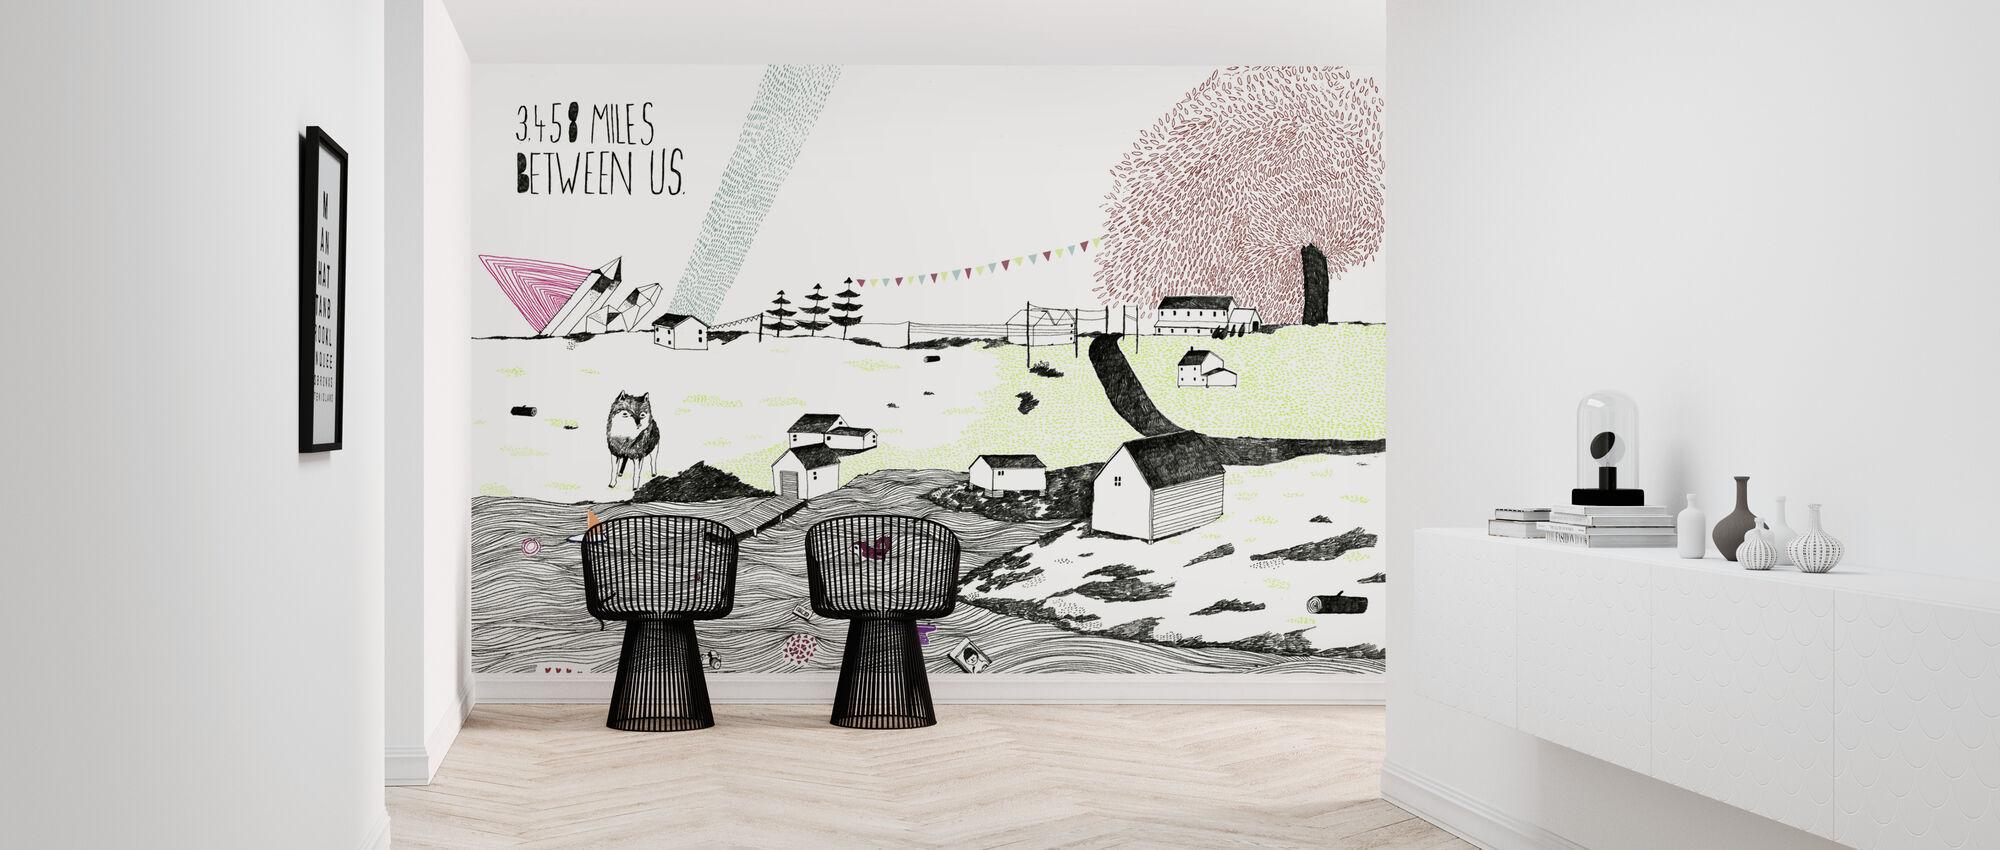 Miles Between Us - Wallpaper - Hallway